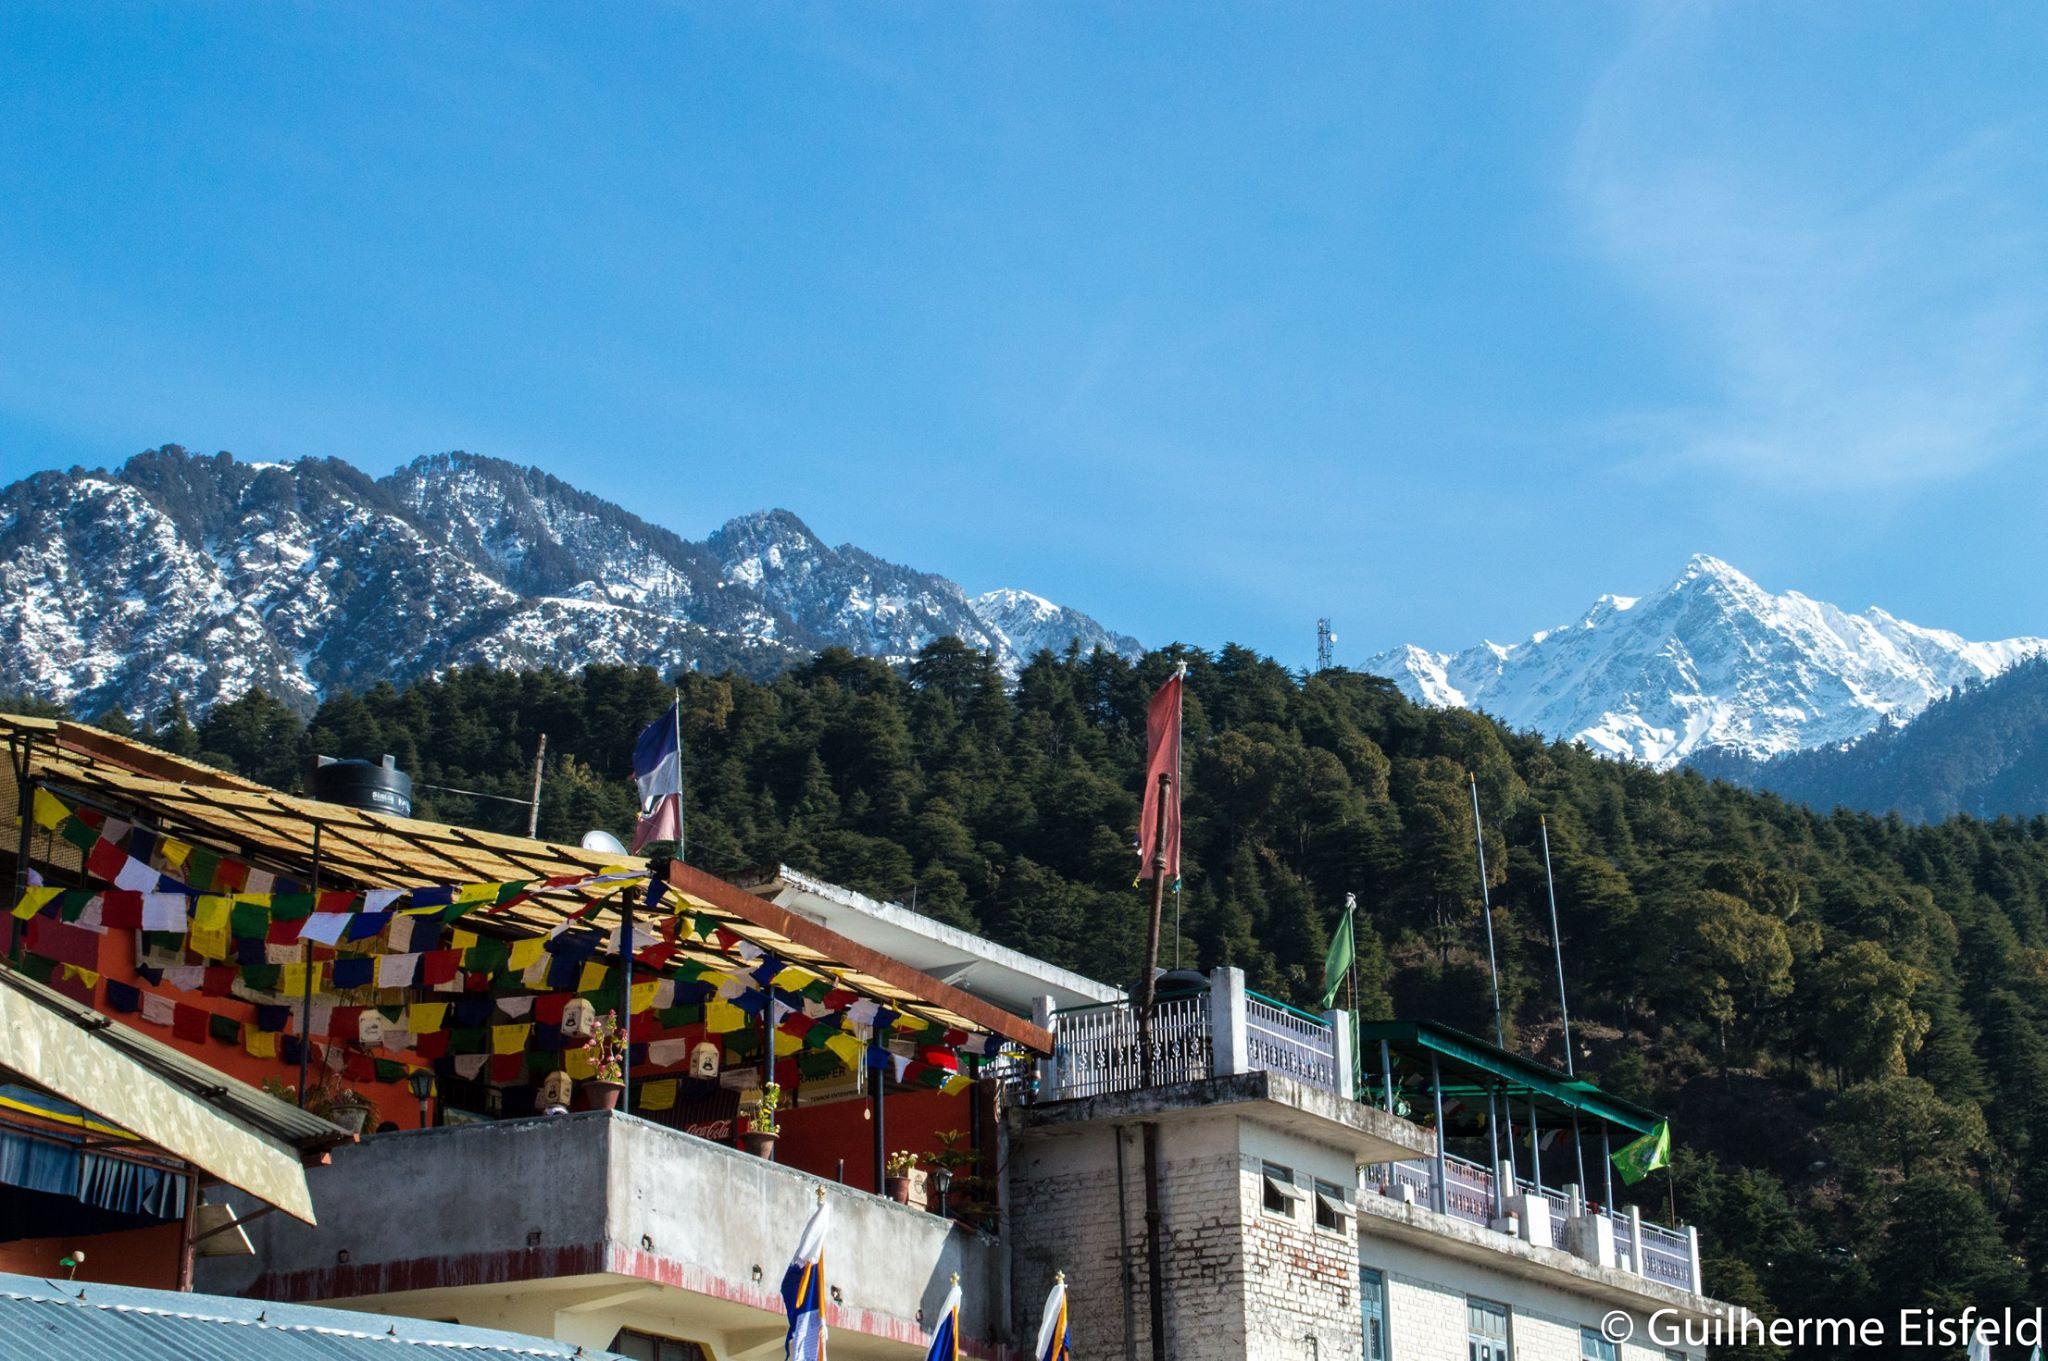 Guilherme também foi até a terra do Dalai Lama, Mcleod Ganj, um subúrbio de Dharamsala, na Índia. Foto: acervo pessoal.